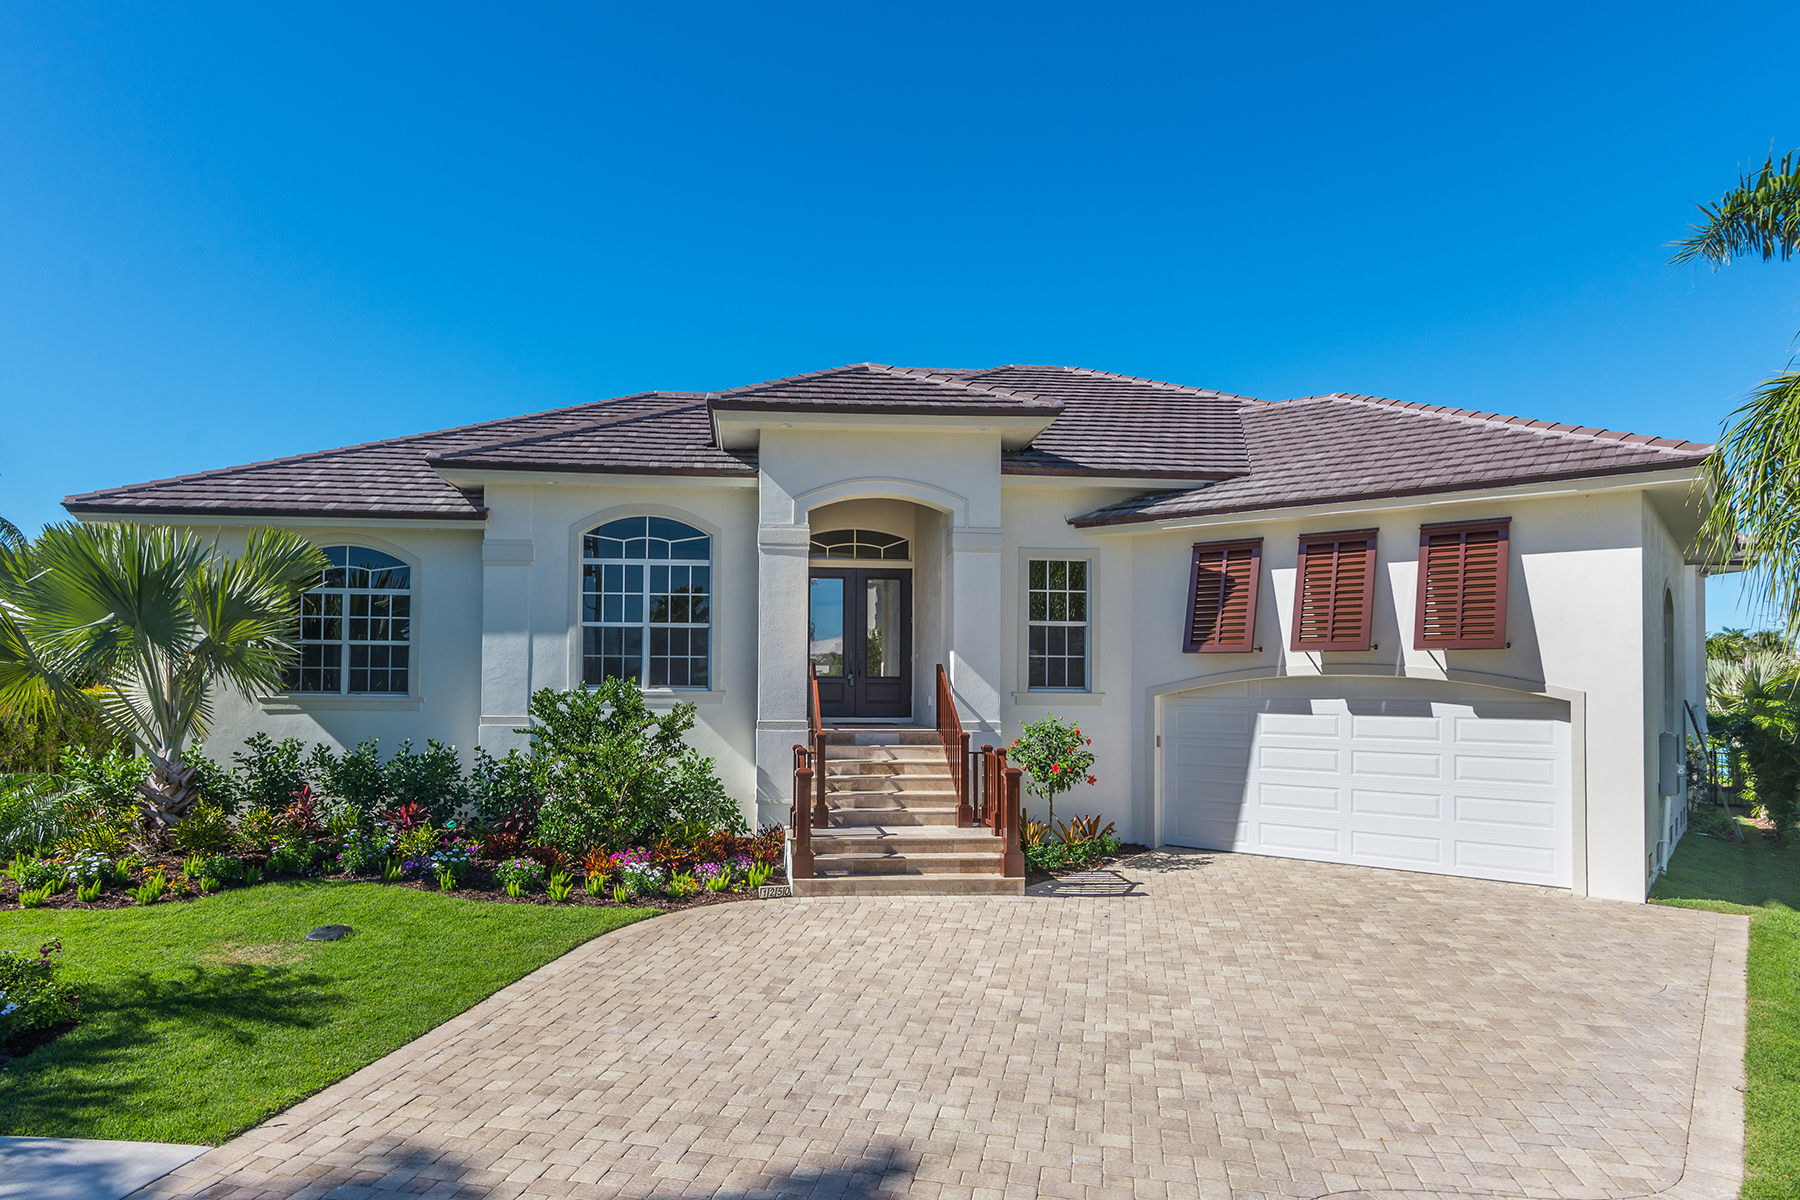 Villa per Vendita alle ore MARCO ISLAND - ARUBA COURT 1250 Aruba Ct Marco Island, Florida 34145 Stati Uniti